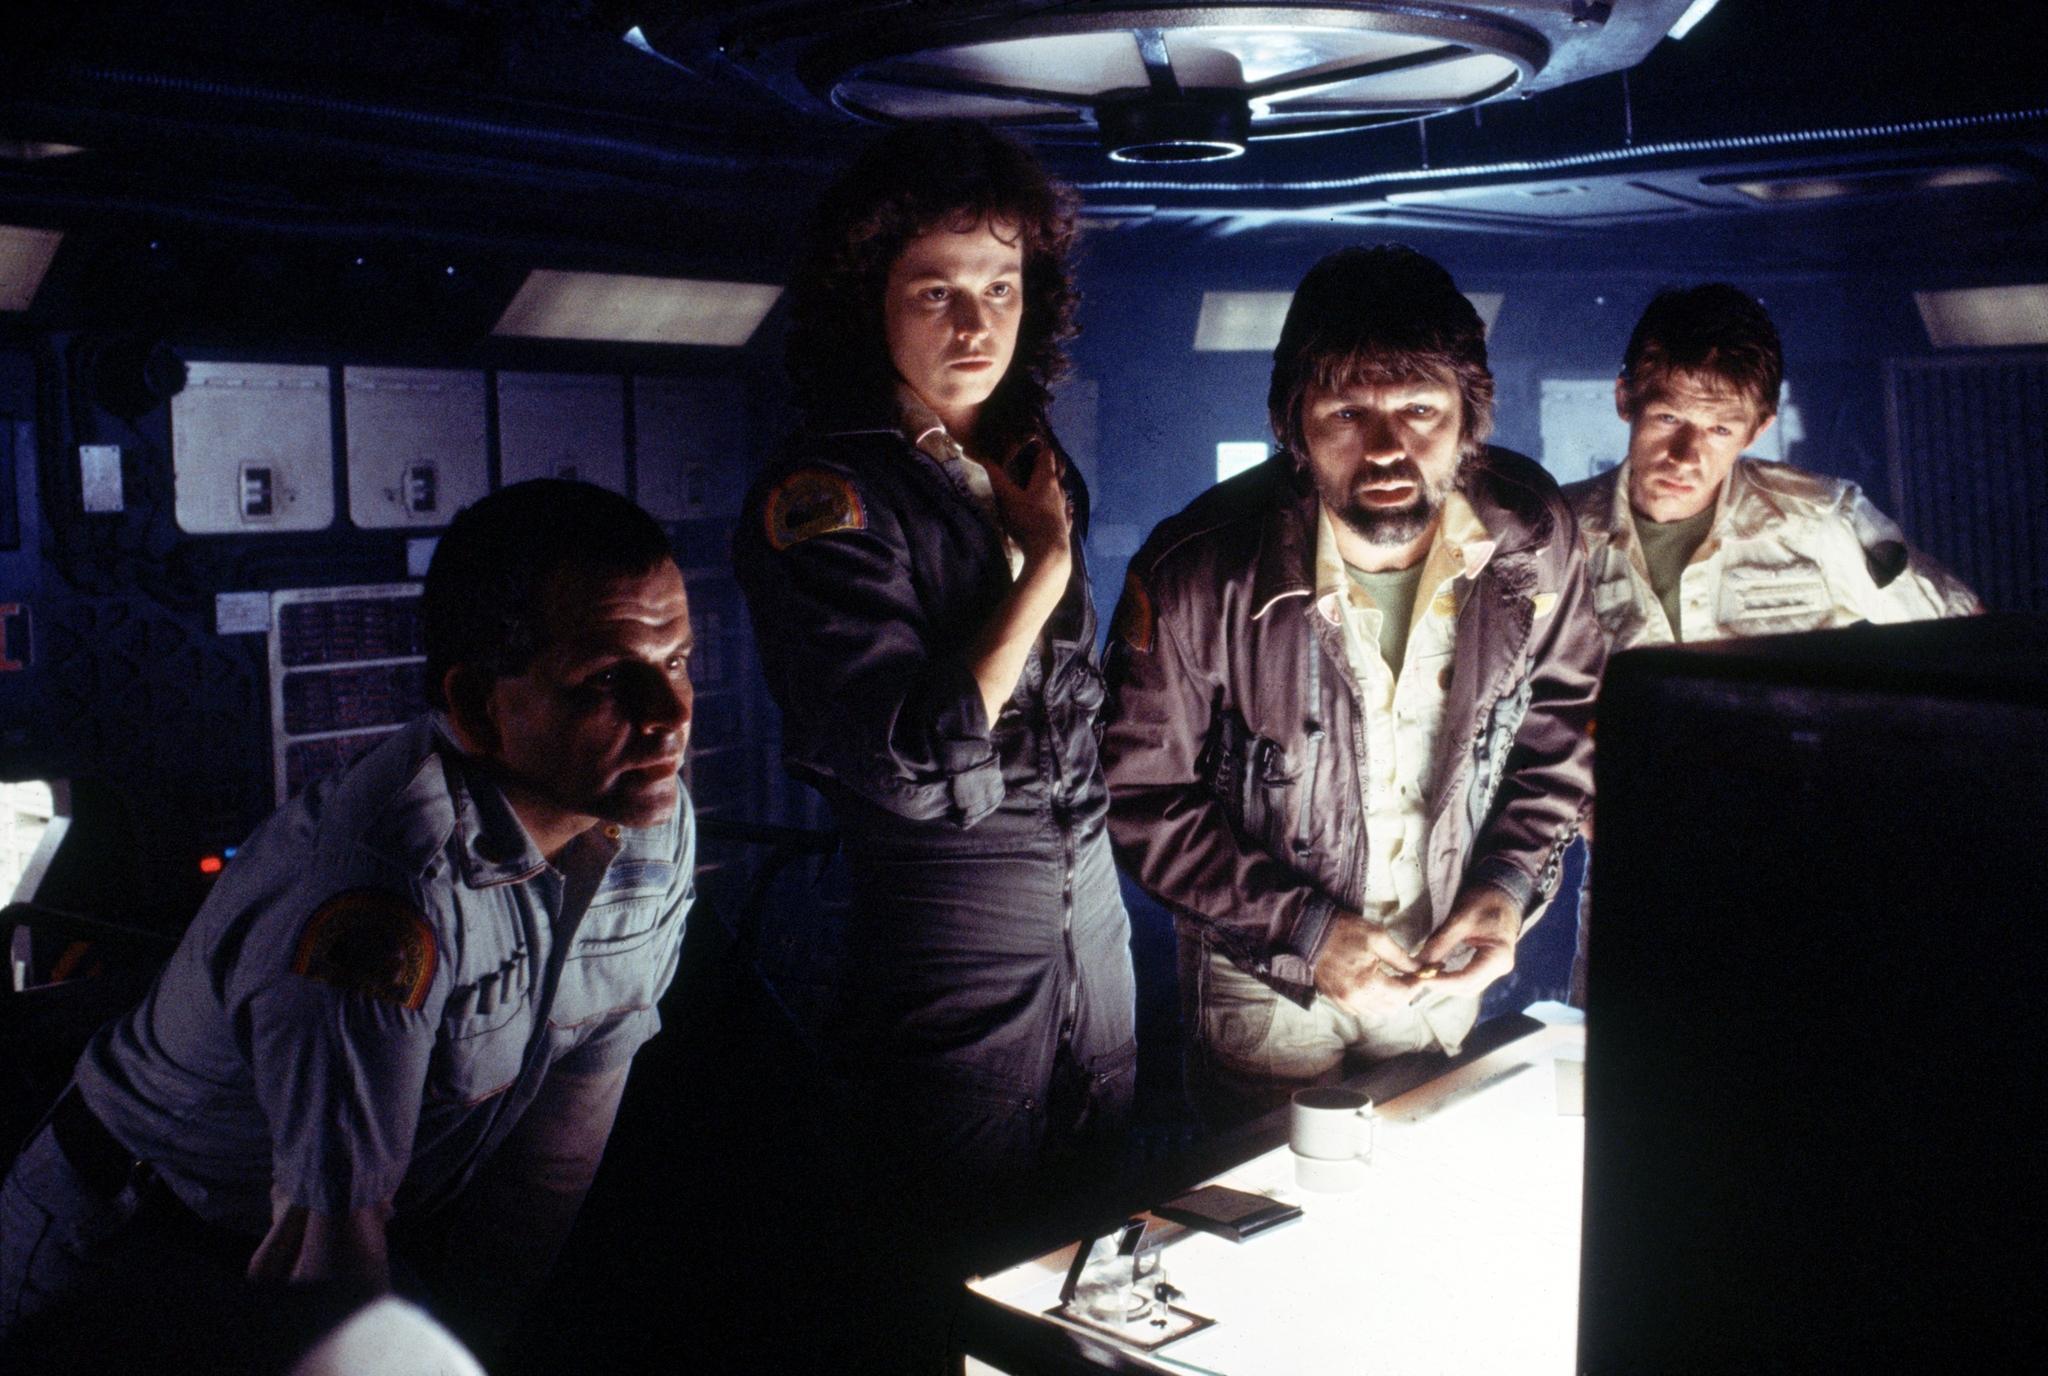 Alien-1979-Ian-Holm-Sigourney-Weaver-Tom-Skerritt-and-John-Hurt.jpg